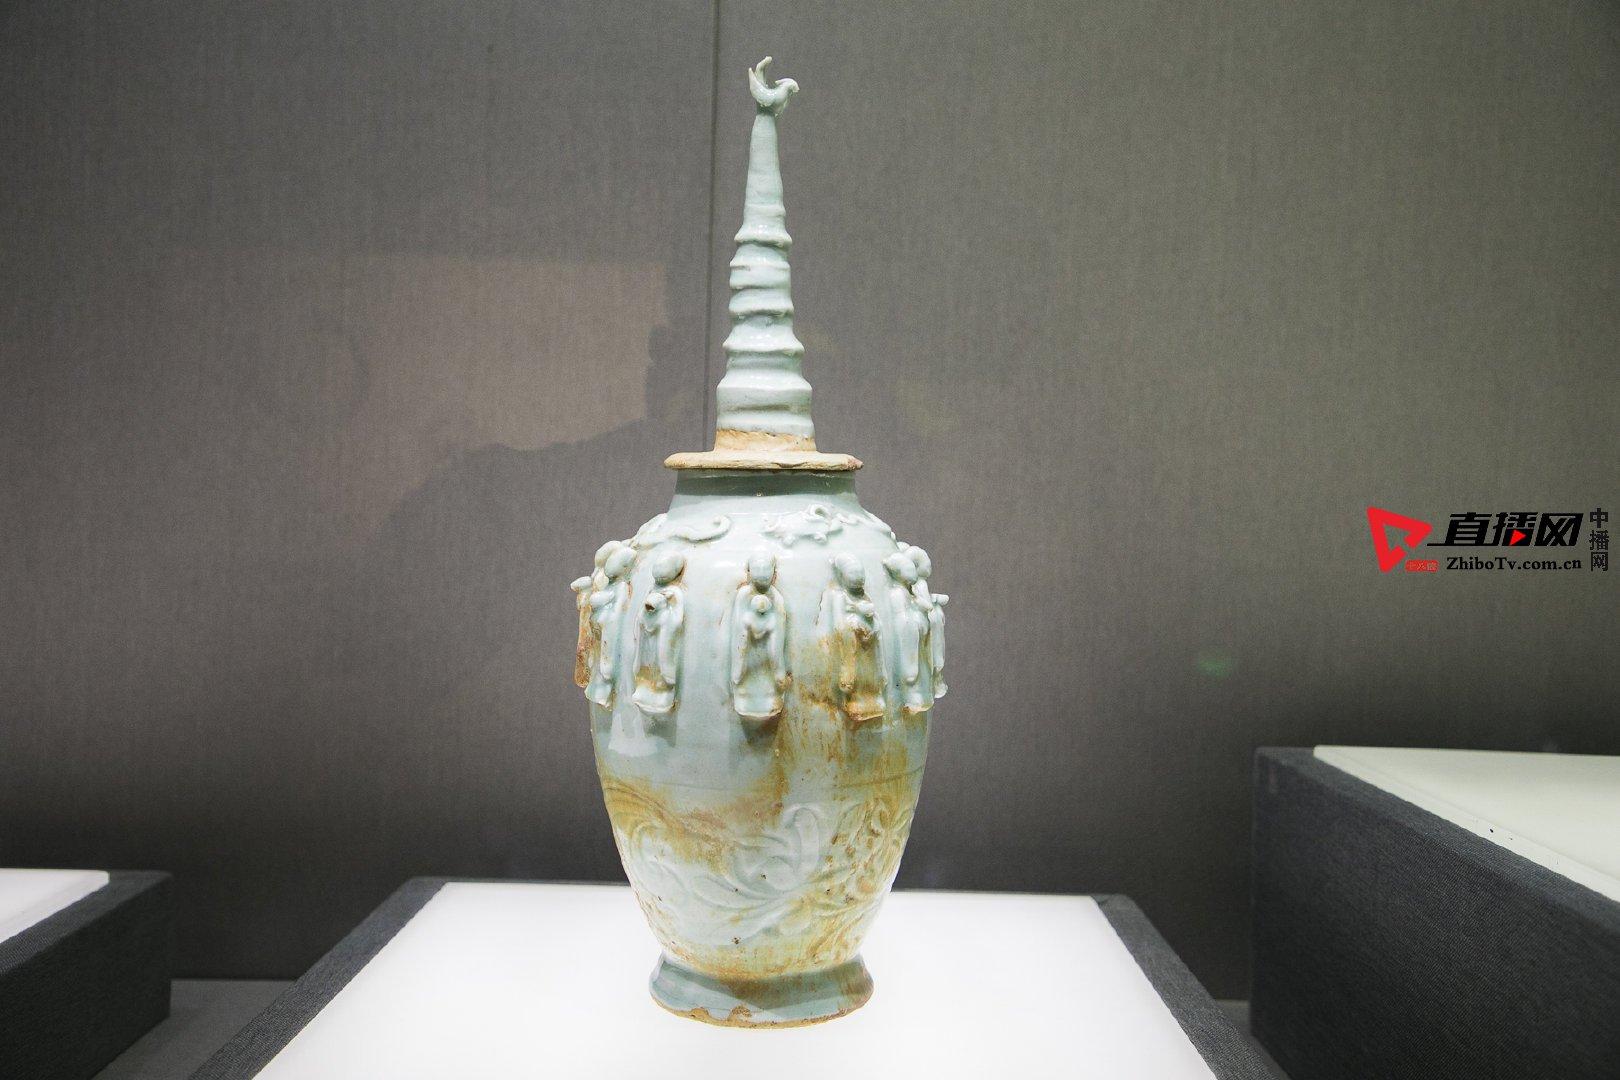 中国景德镇繁荣千年 究竟烧制了多少绝世珍品